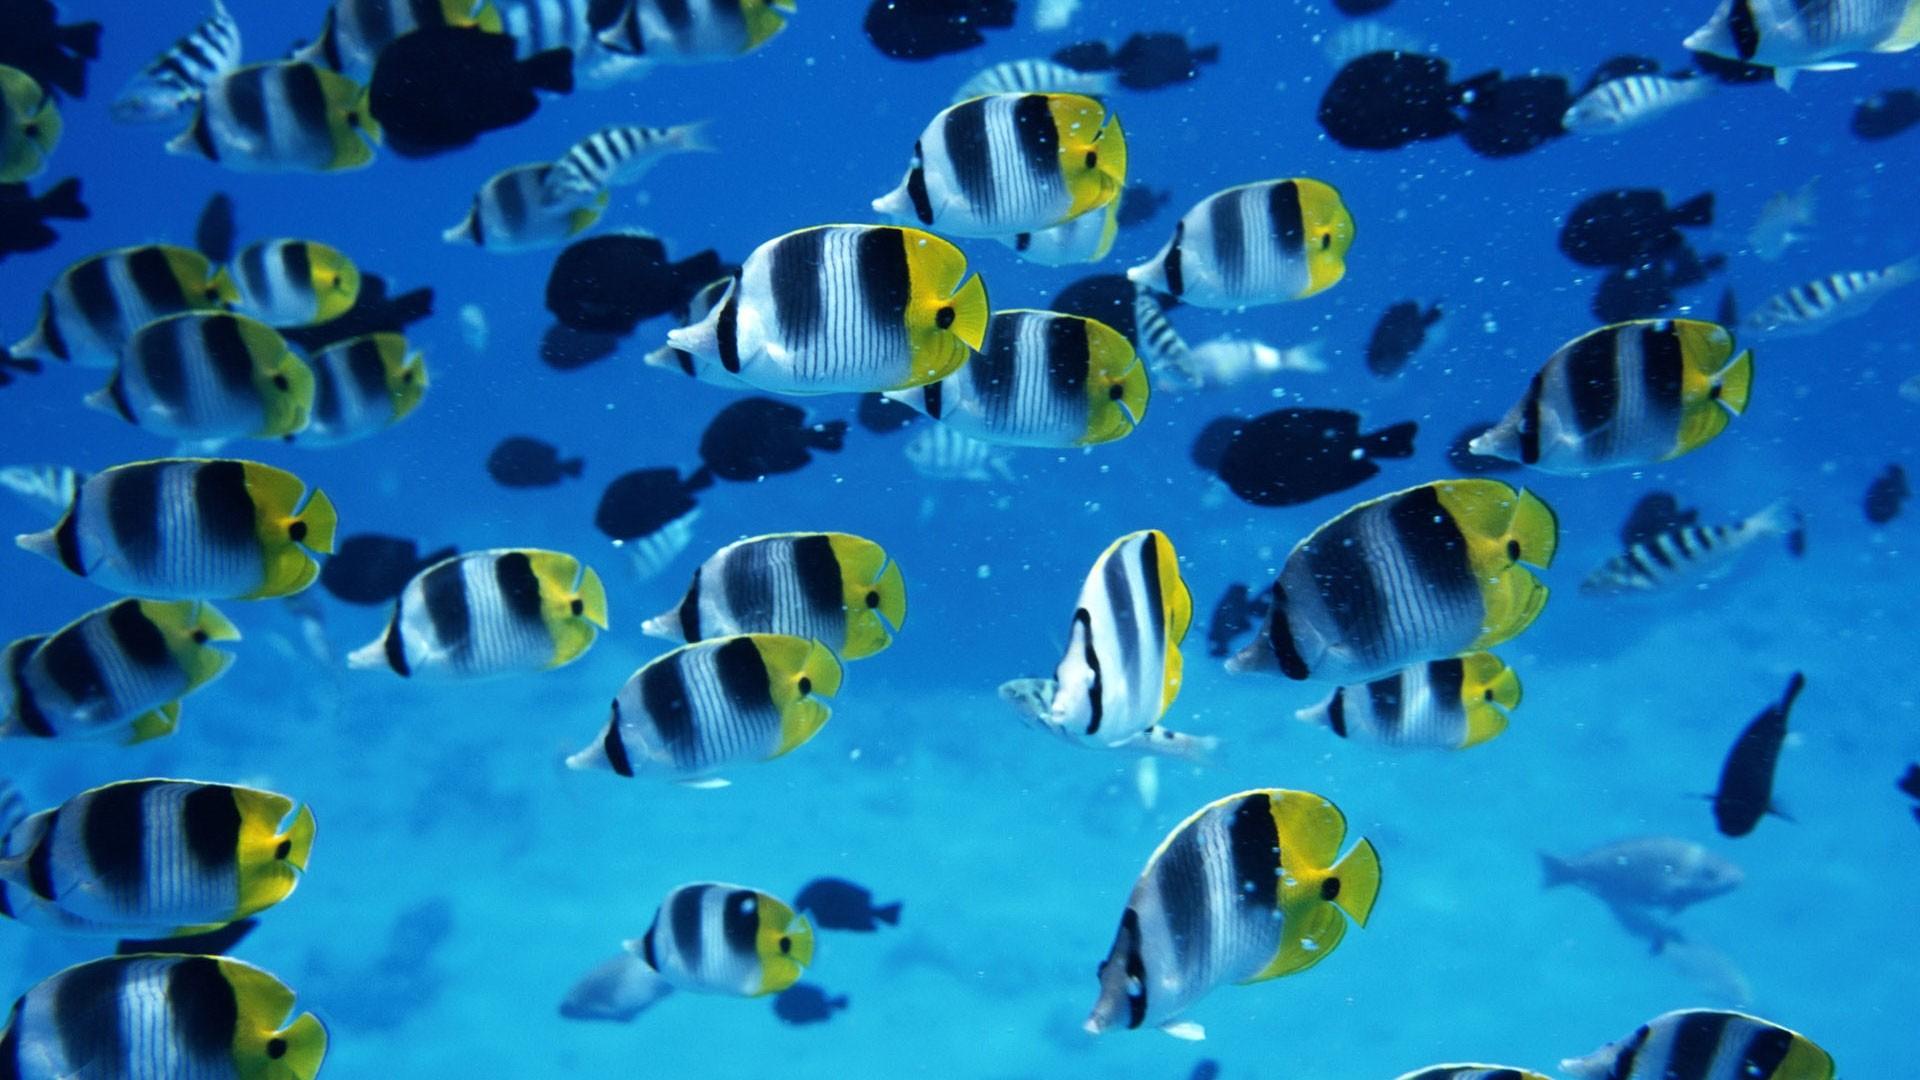 Fish computer wallpaper